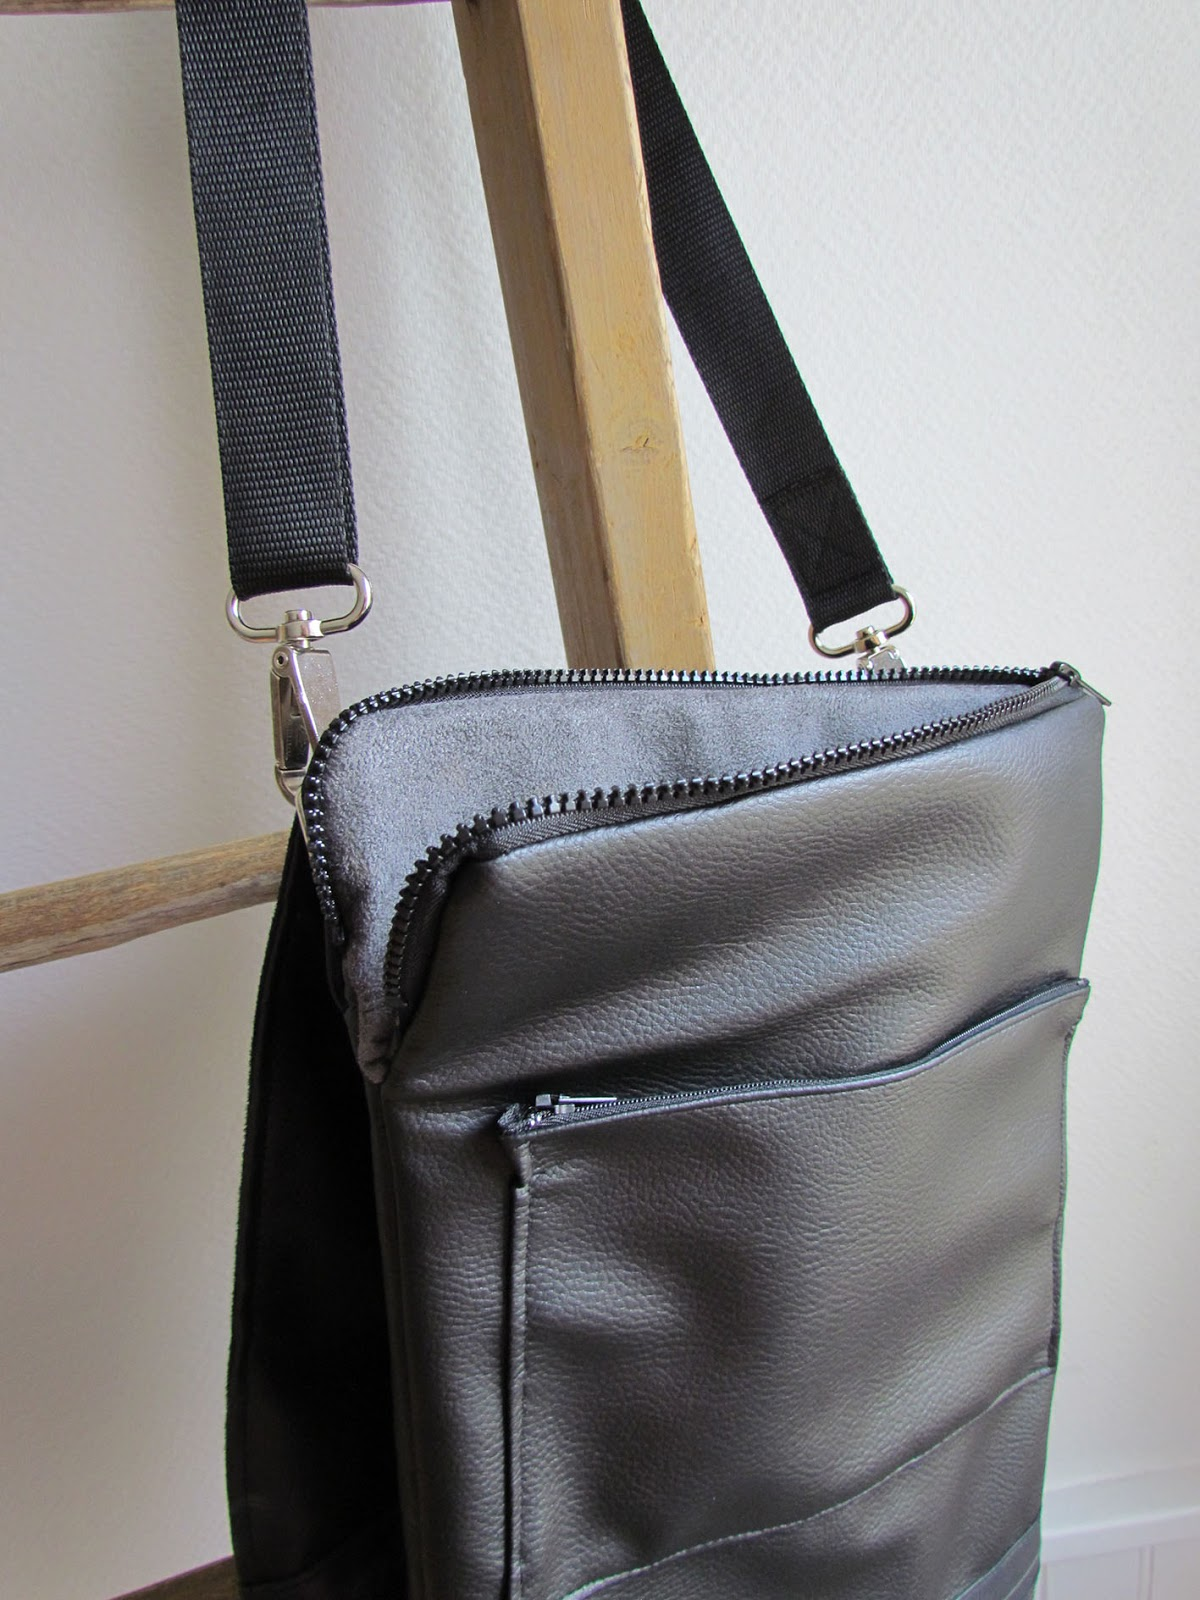 5c61eff741 ... le plus : une bandoulière amovible ( pour pouvoir l'utiliser simplement  comme une pochette de protection dans les transports ou voyages) et réglable